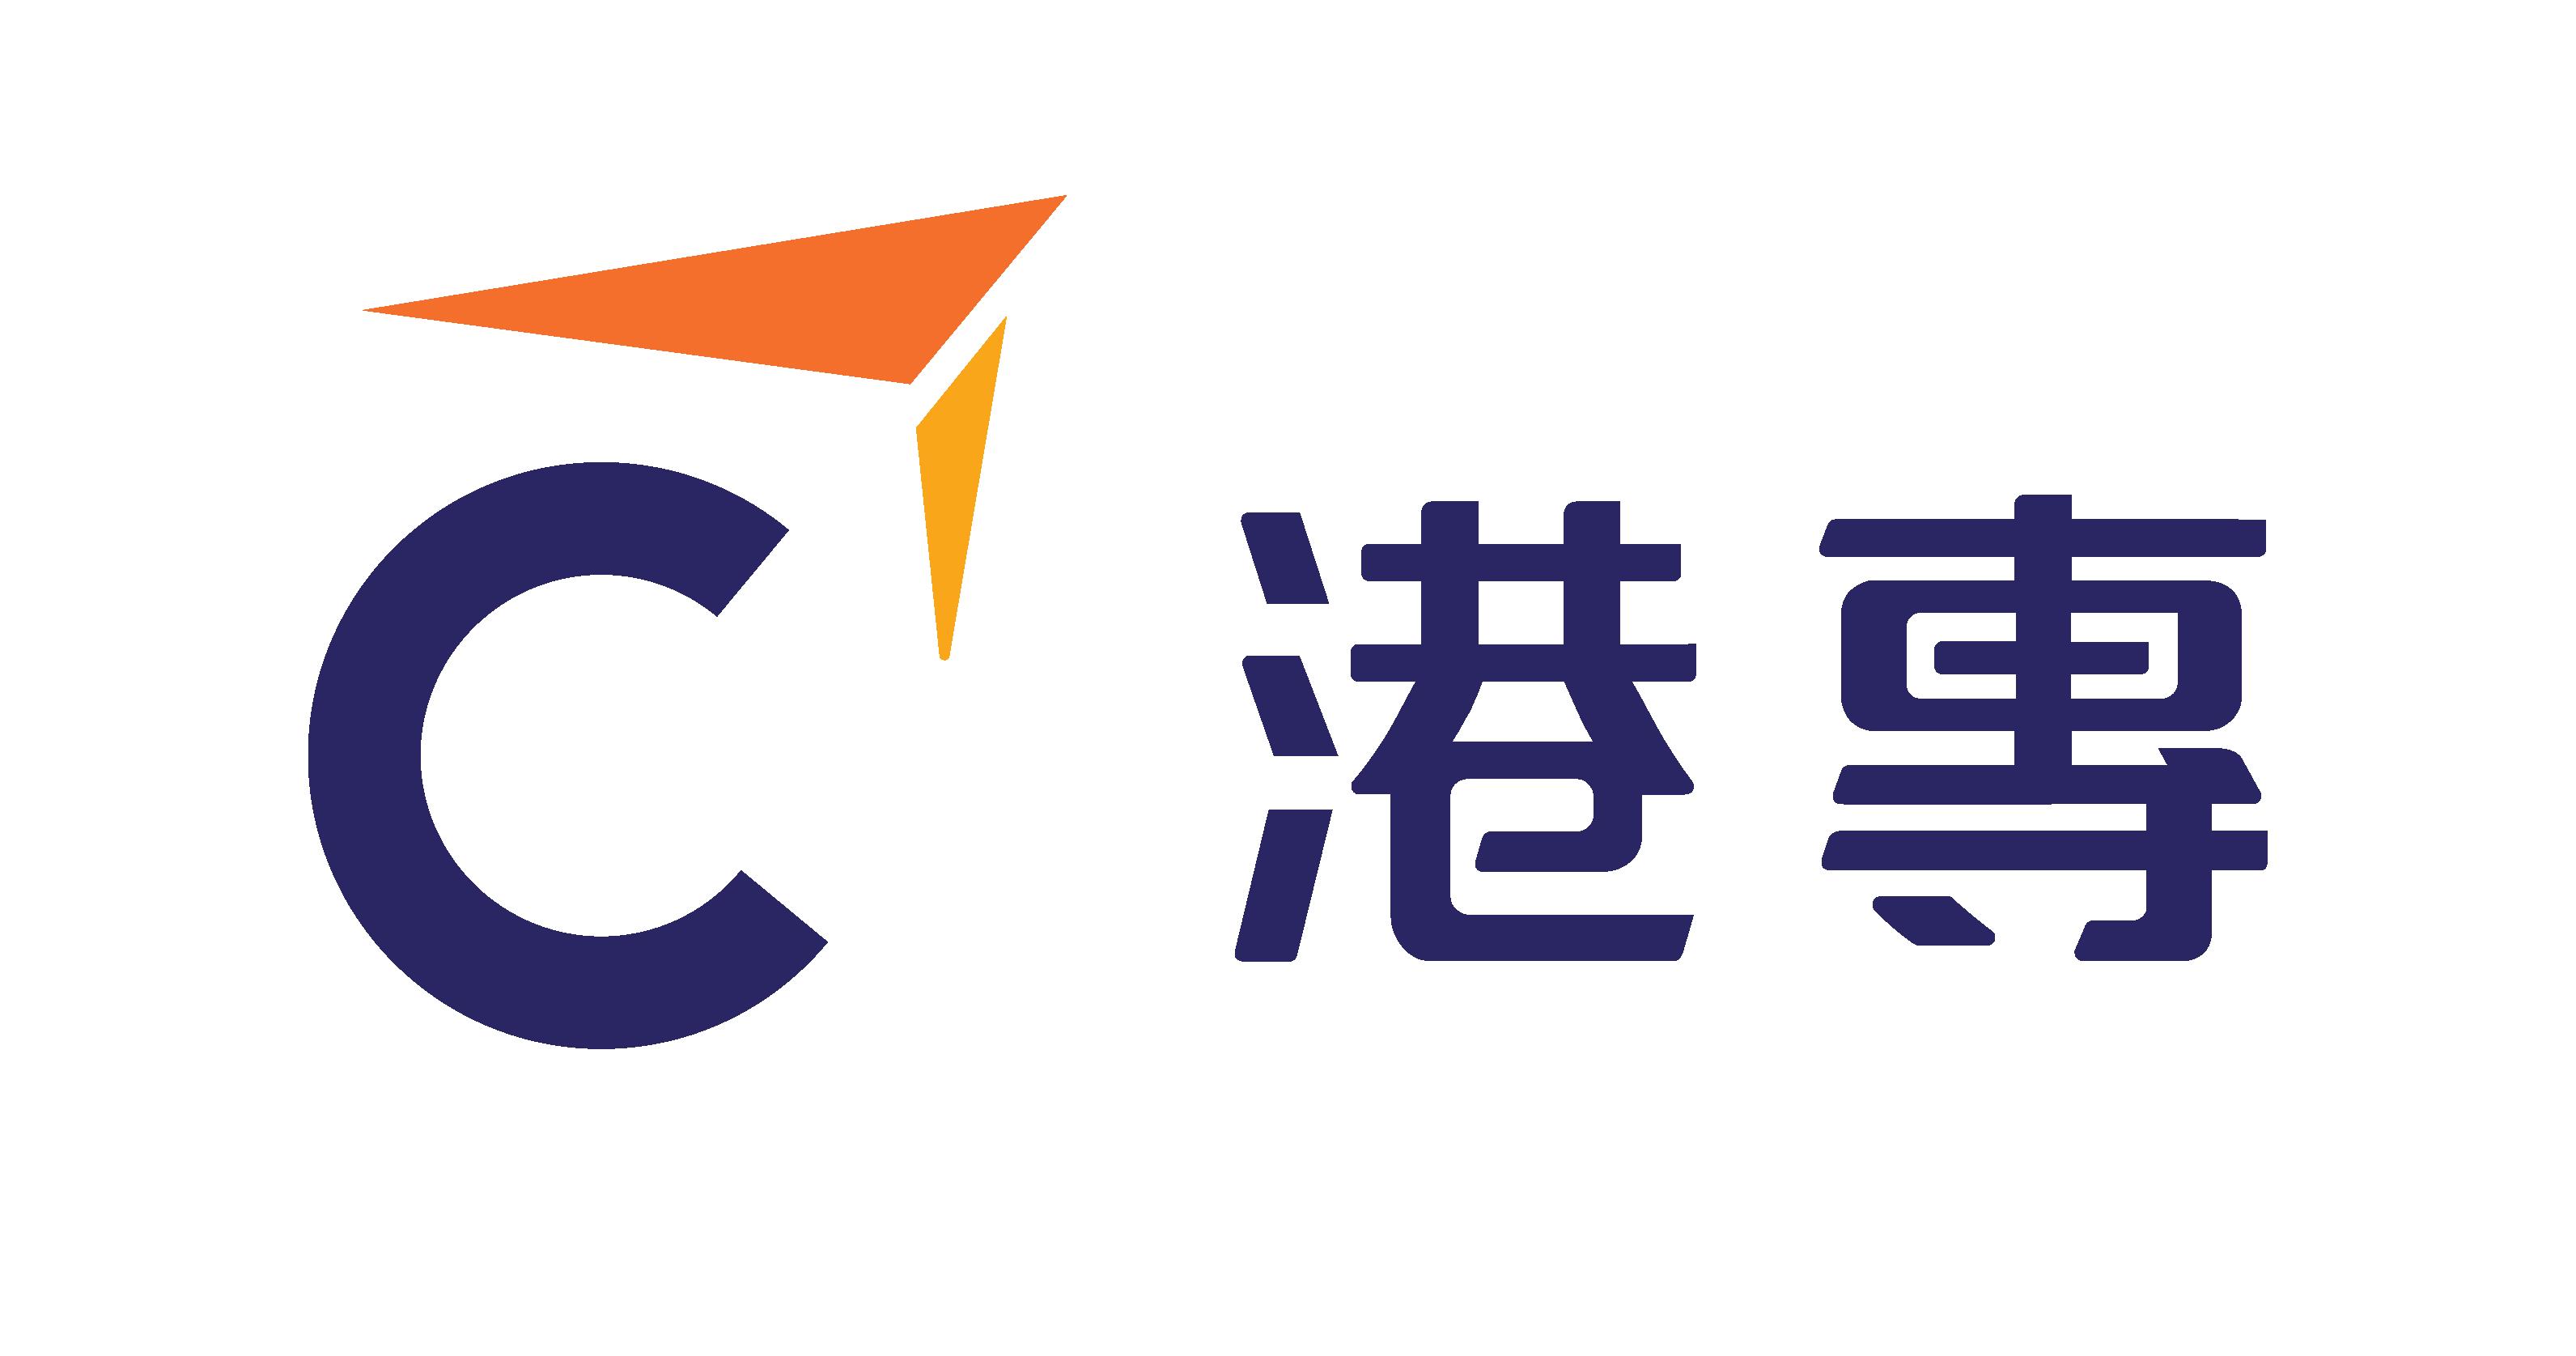 港專-0_CT_港專_4C.png (1)